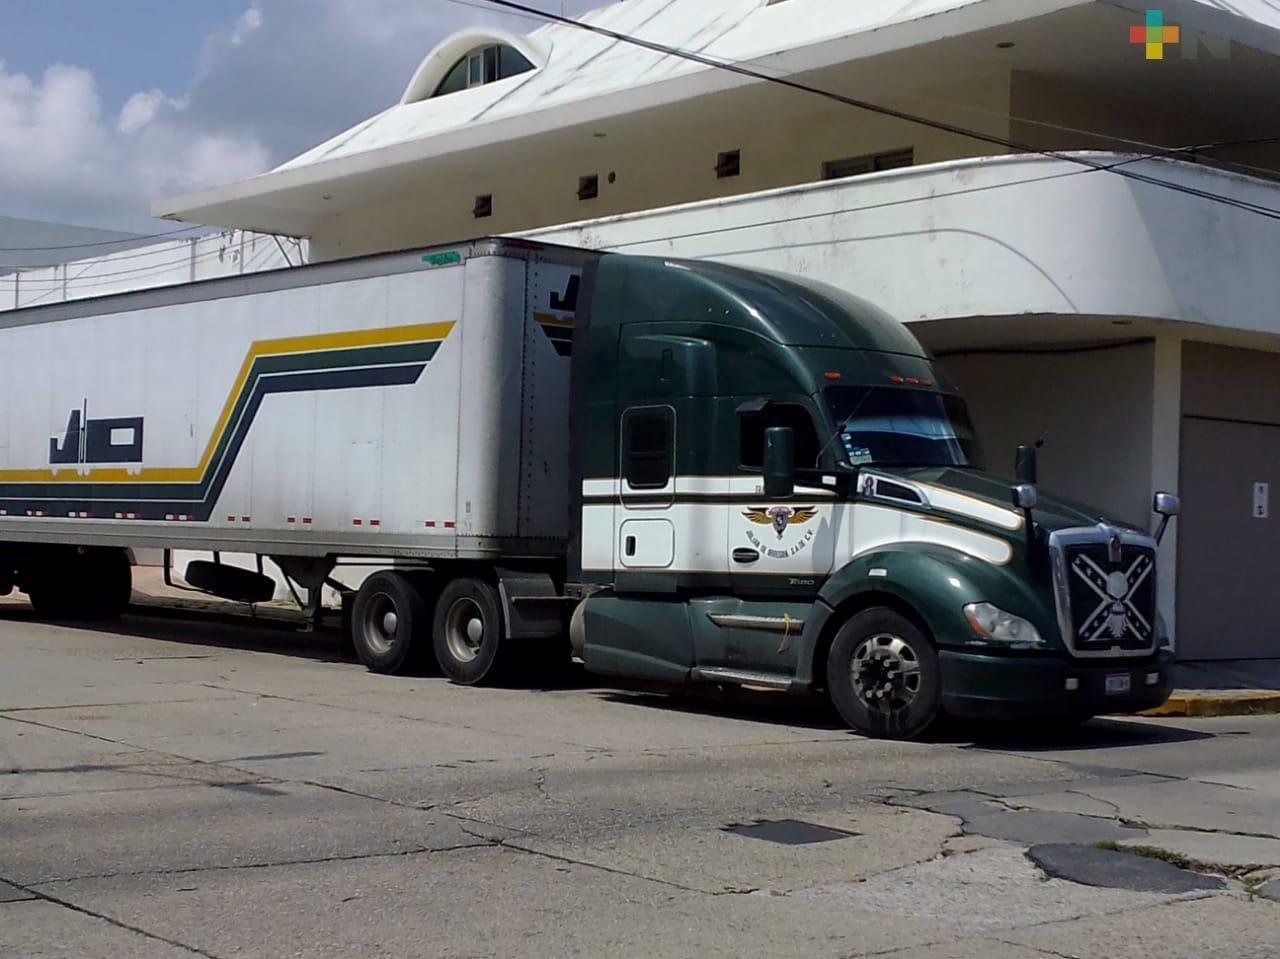 Ejército Mexicano detiene tráiler con productos piratas en autopista Nuevo Teapa-Cosoleacaque